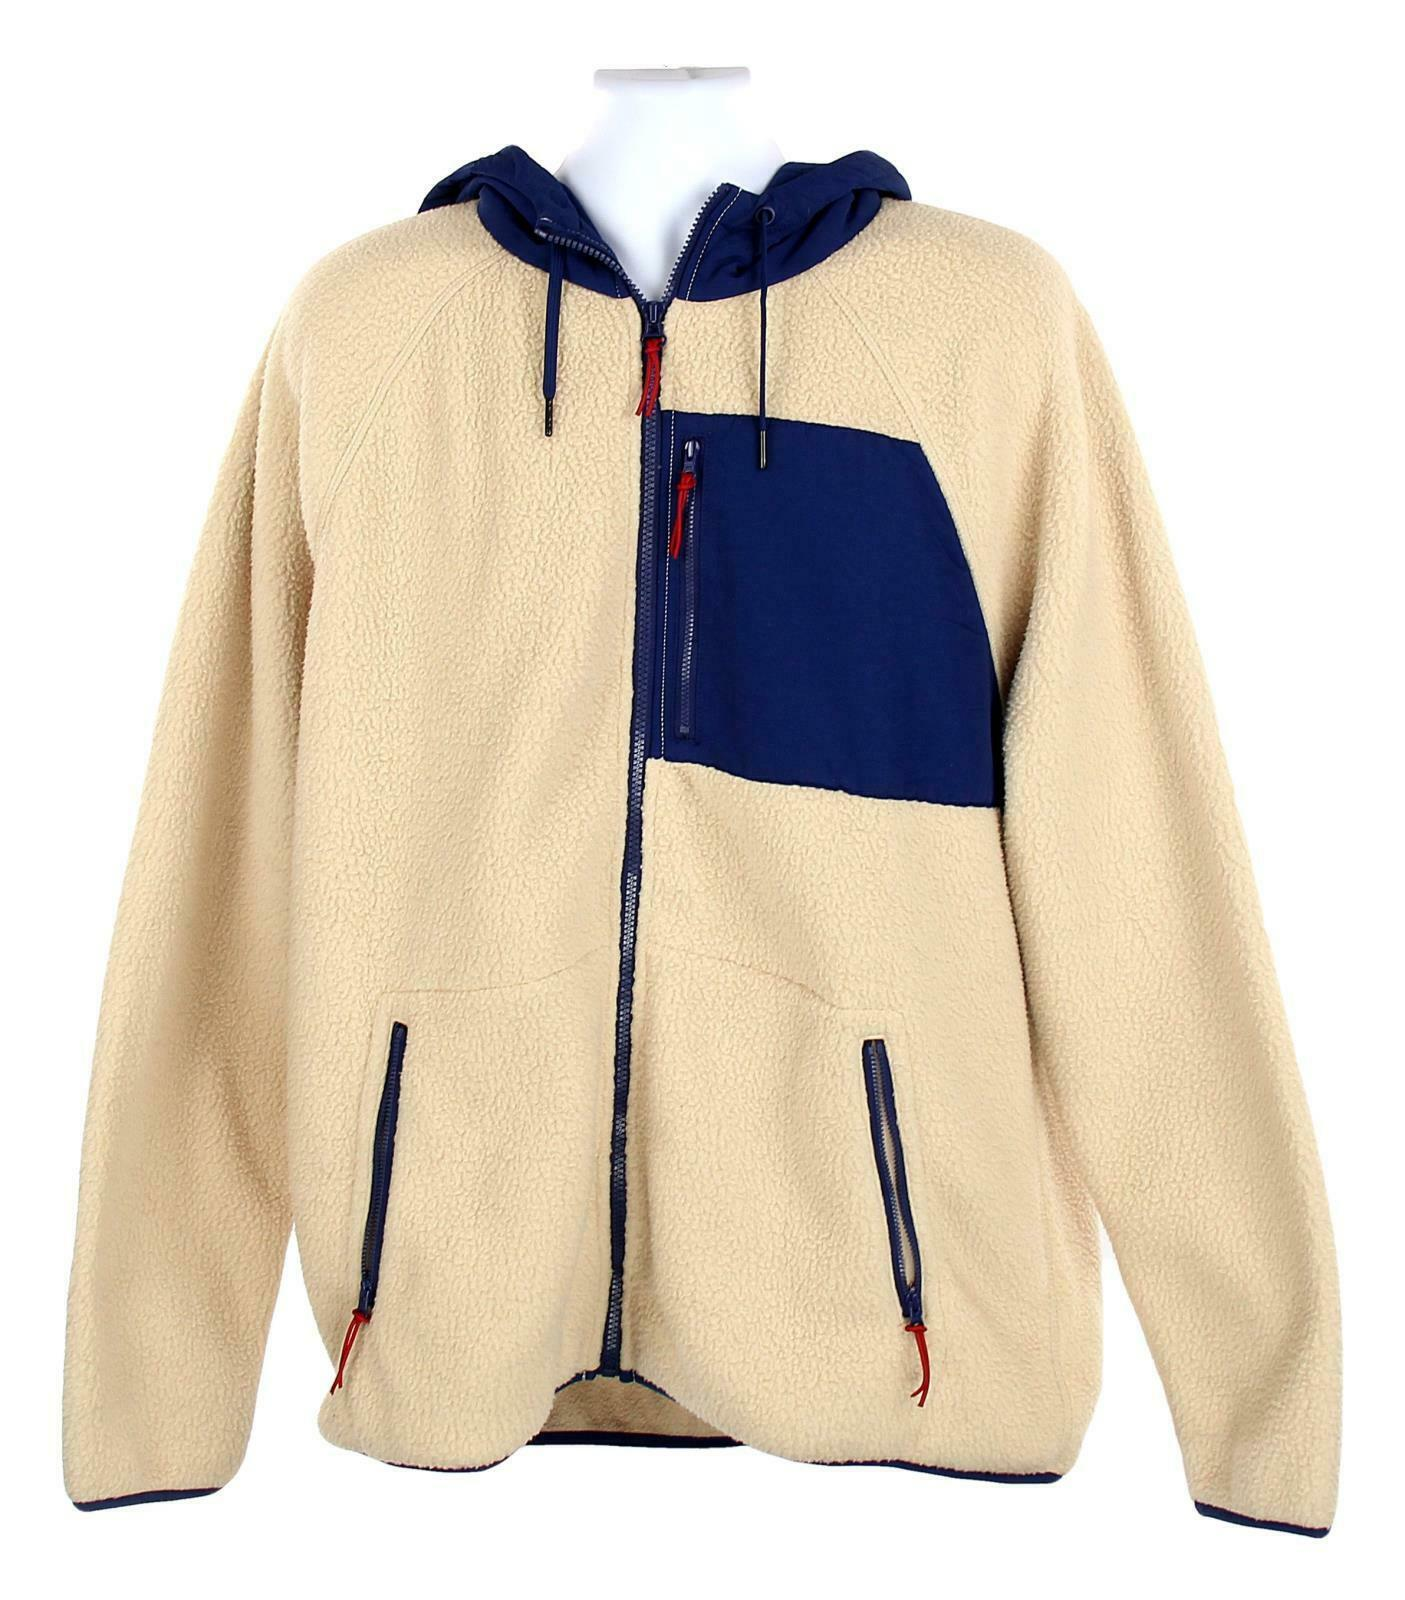 J Crew Mens Sherpa Zip Front Hooded Jacket Fleece Coat XL Navy Cream K4296